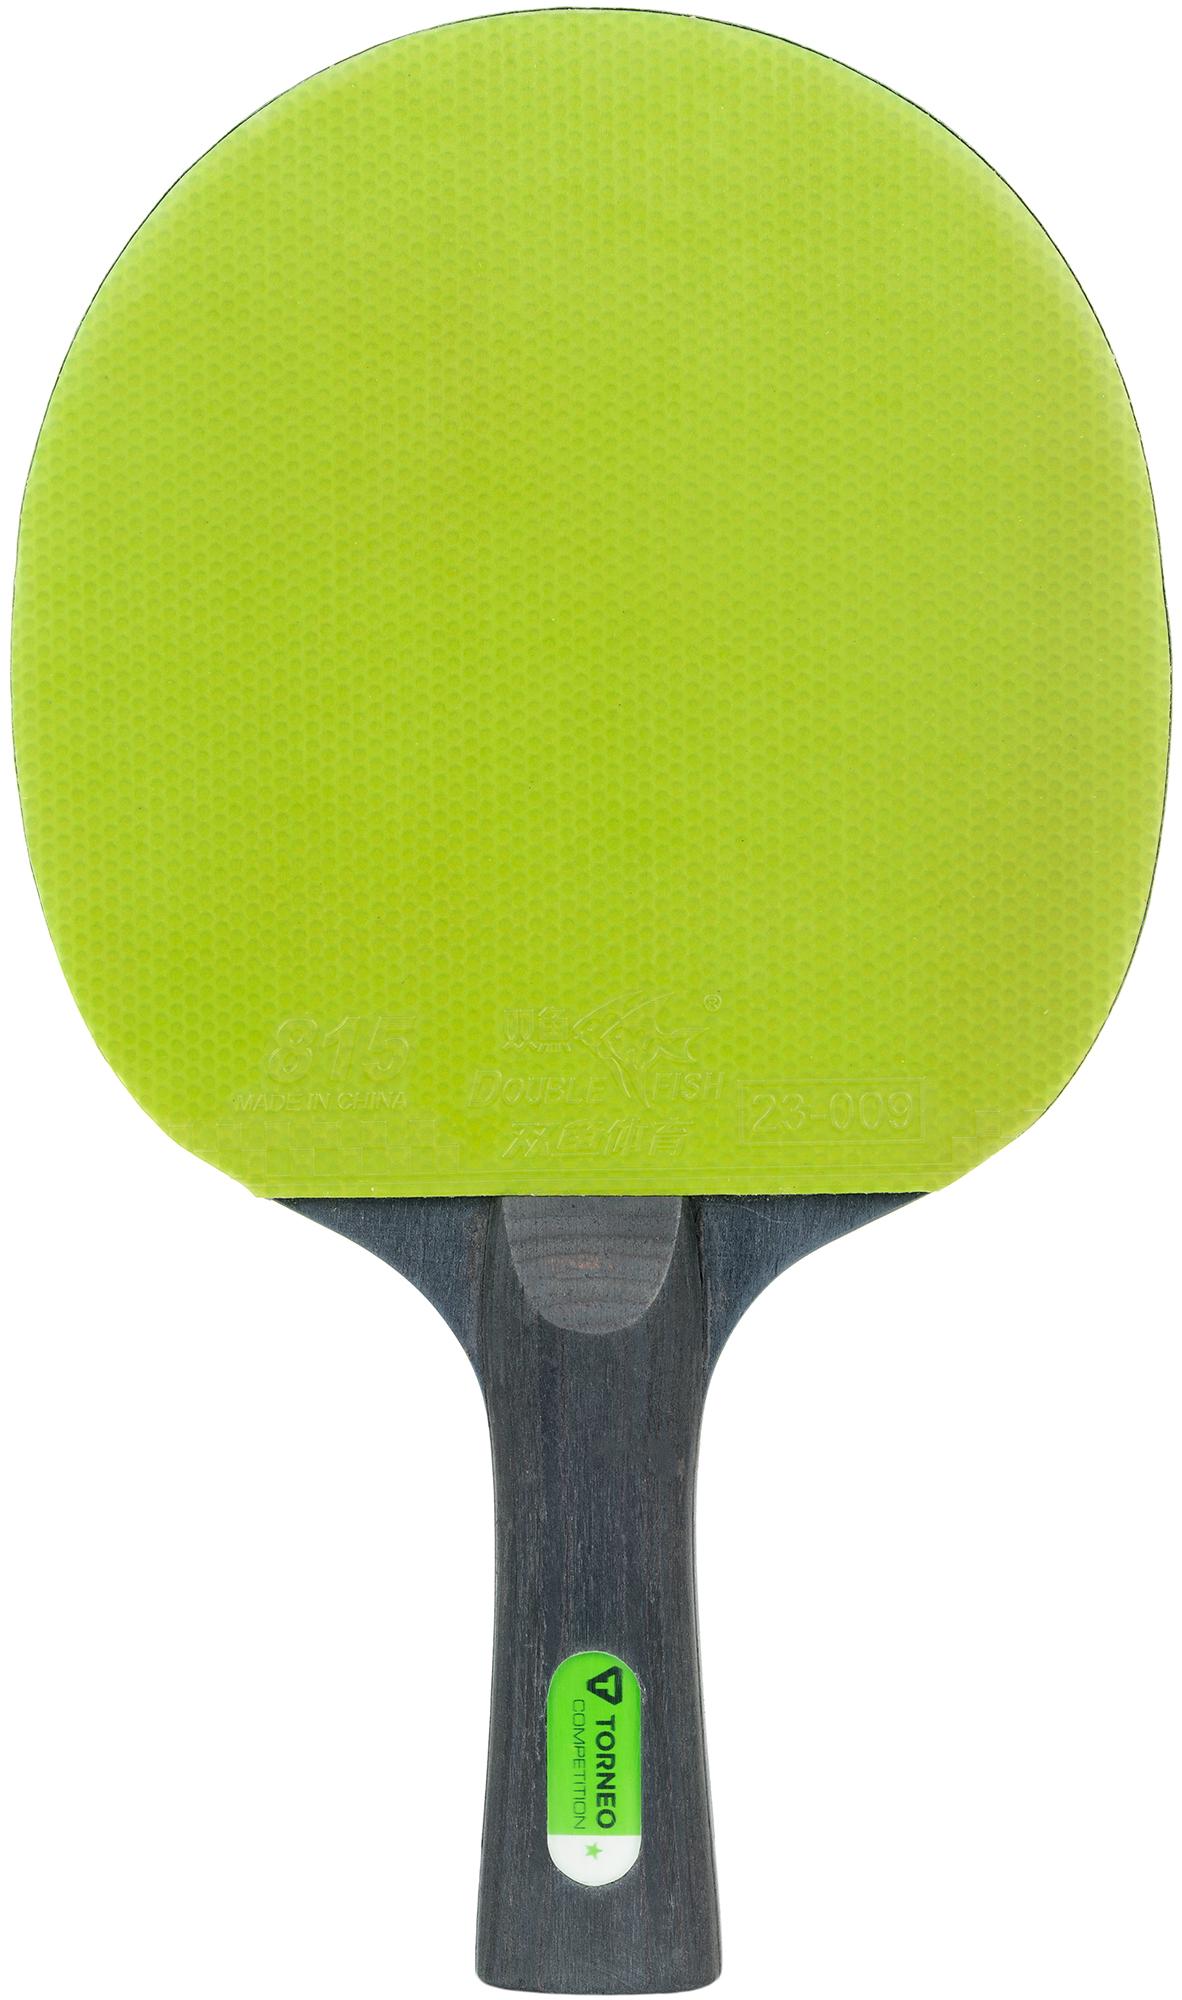 Torneo Ракетка для настольного тенниса Torneo Competition